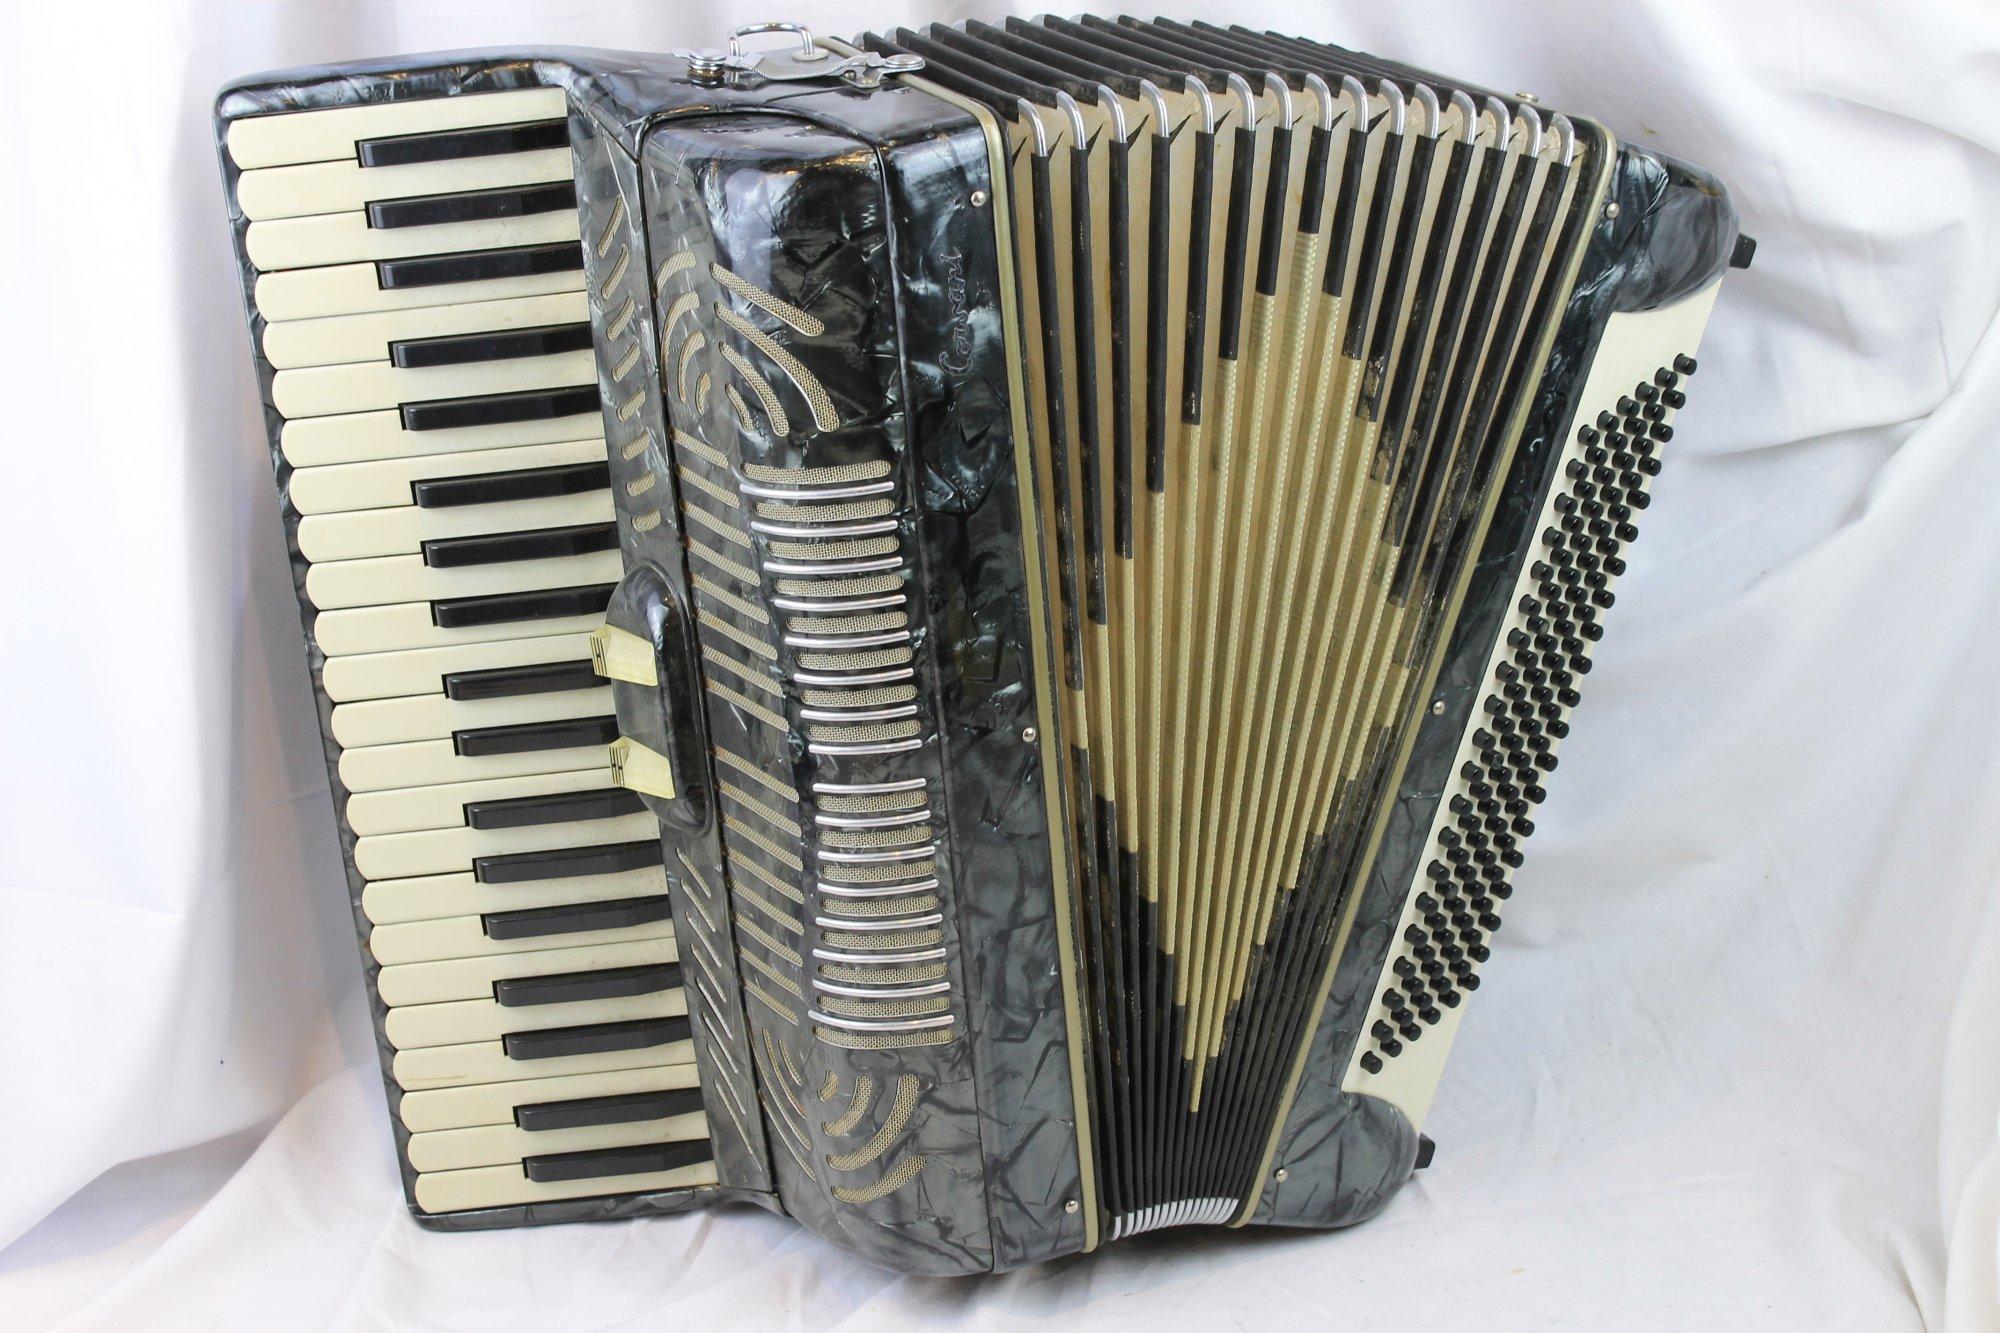 2983 - Slate Corsani Piano Accordion LM 41 120